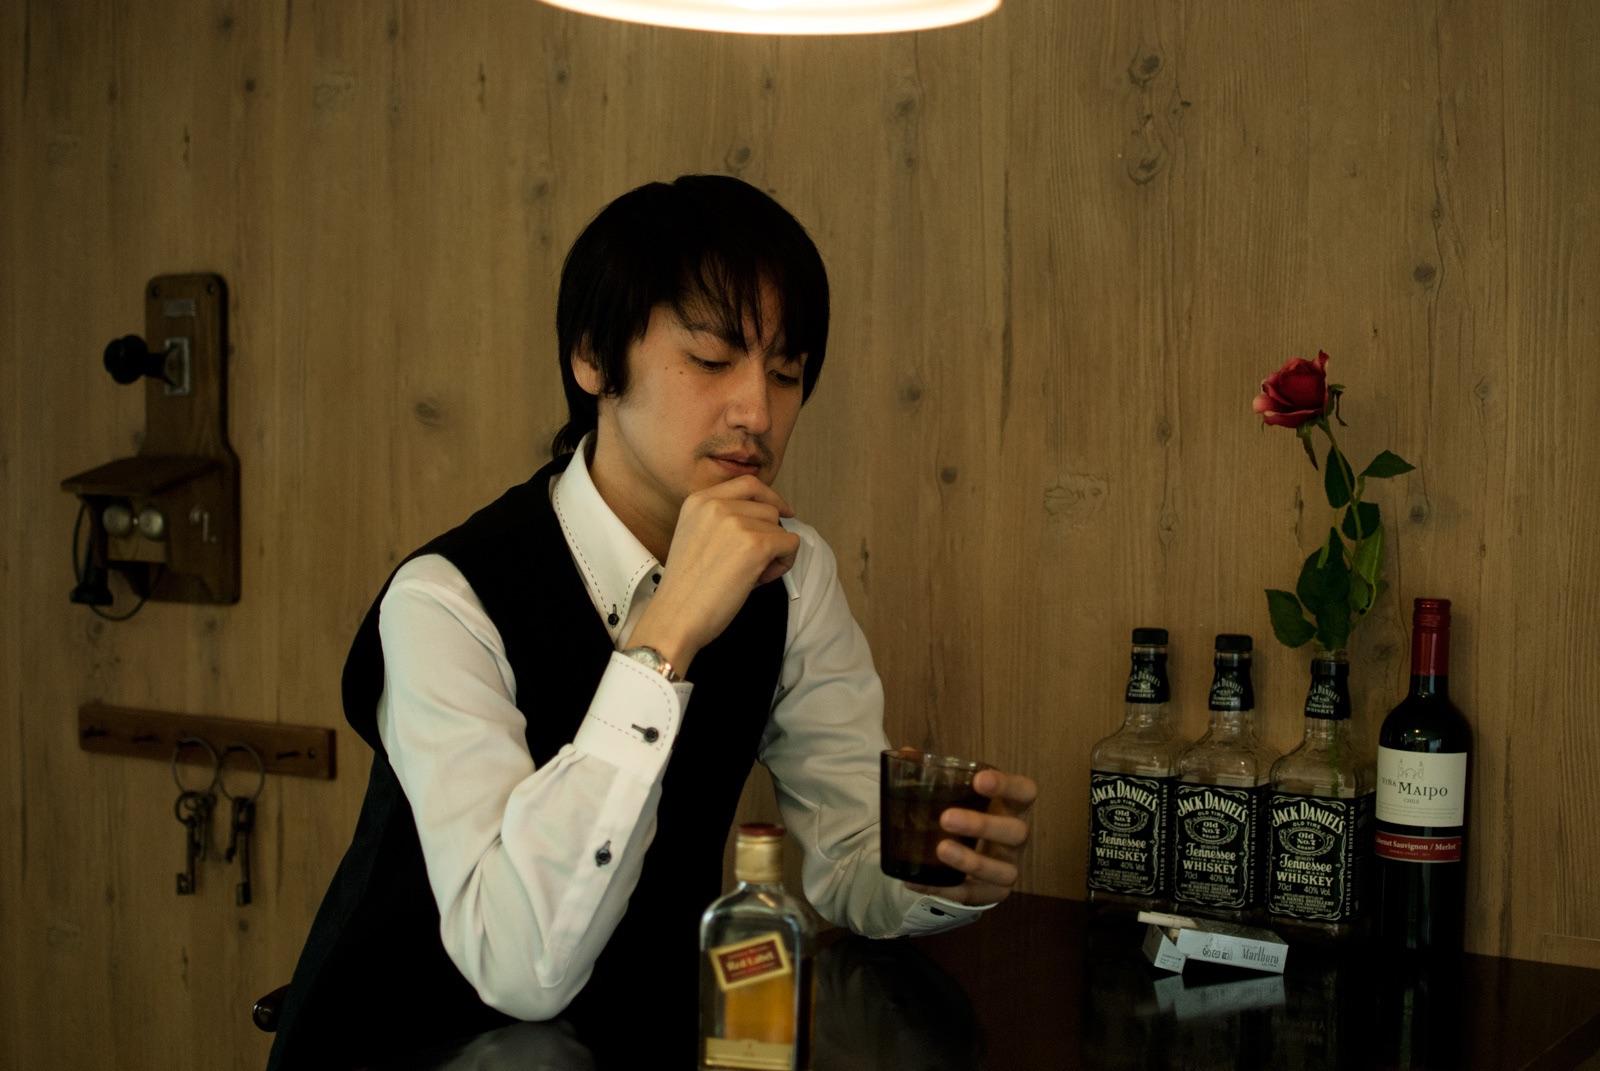 タバコを嗜む男性